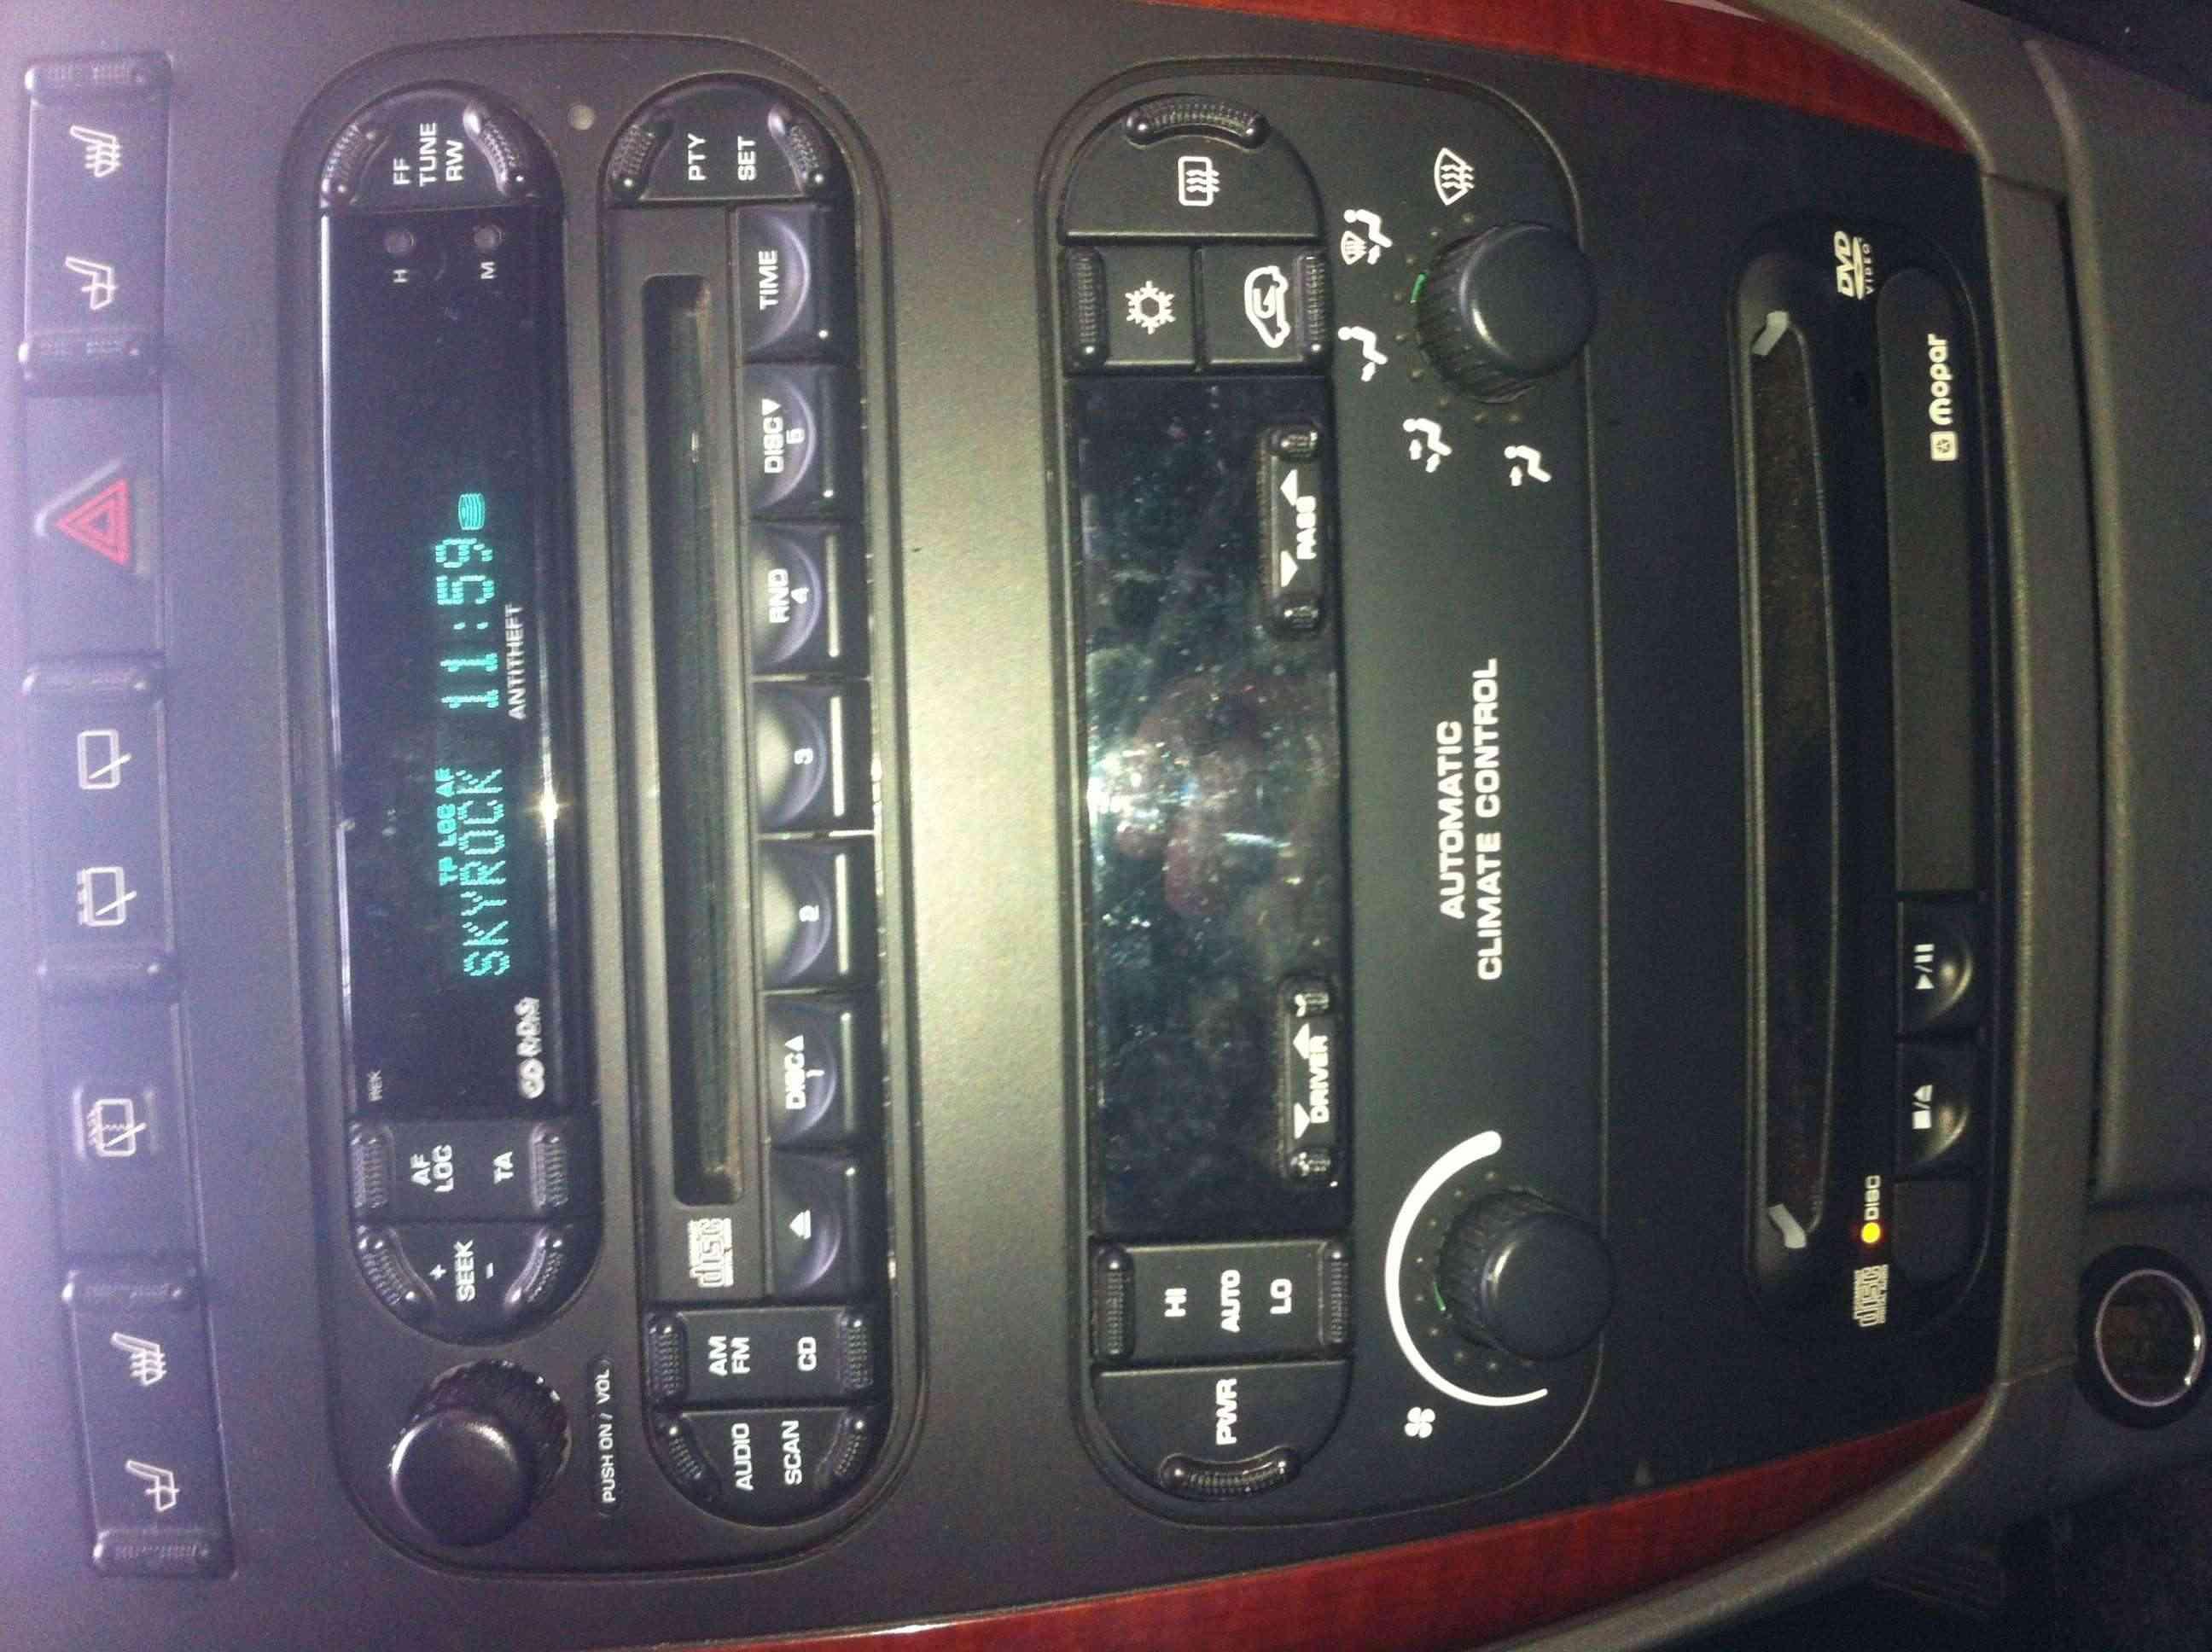 Telephoner avec Iphone dans S4 sur les enceintes. Photo10